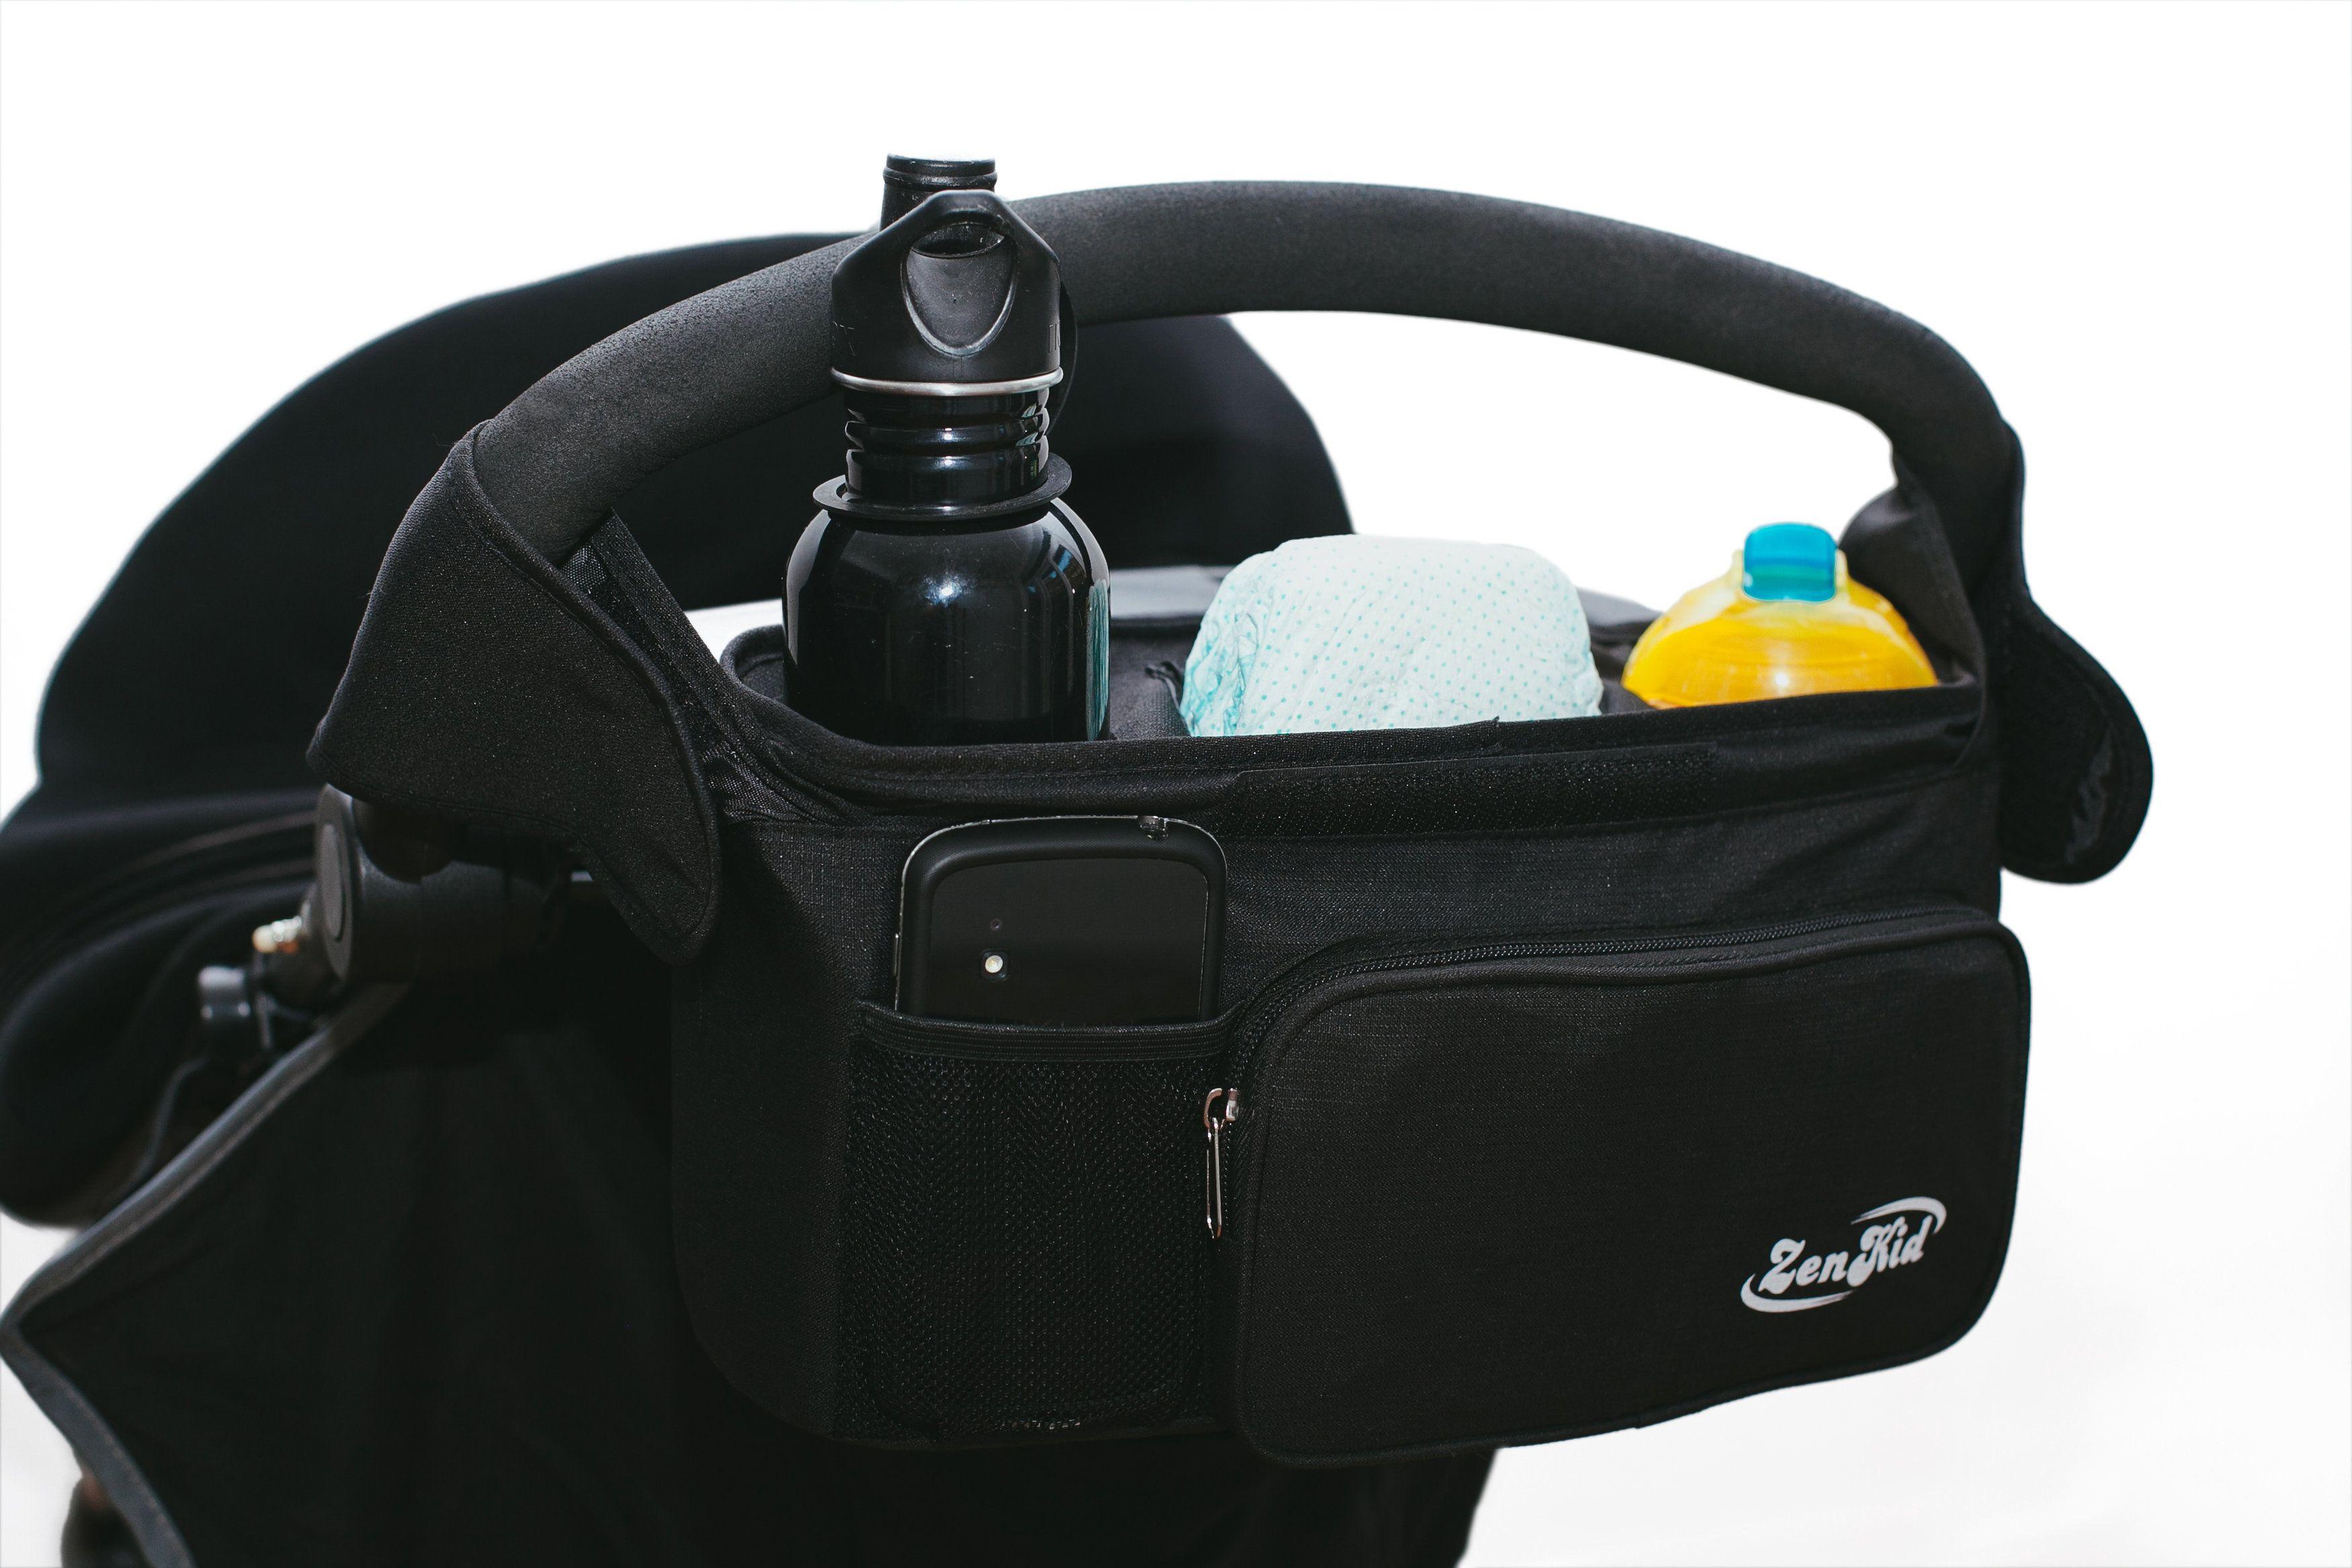 ZenKid Premium Baby Stroller Organizer Review + Giveaway